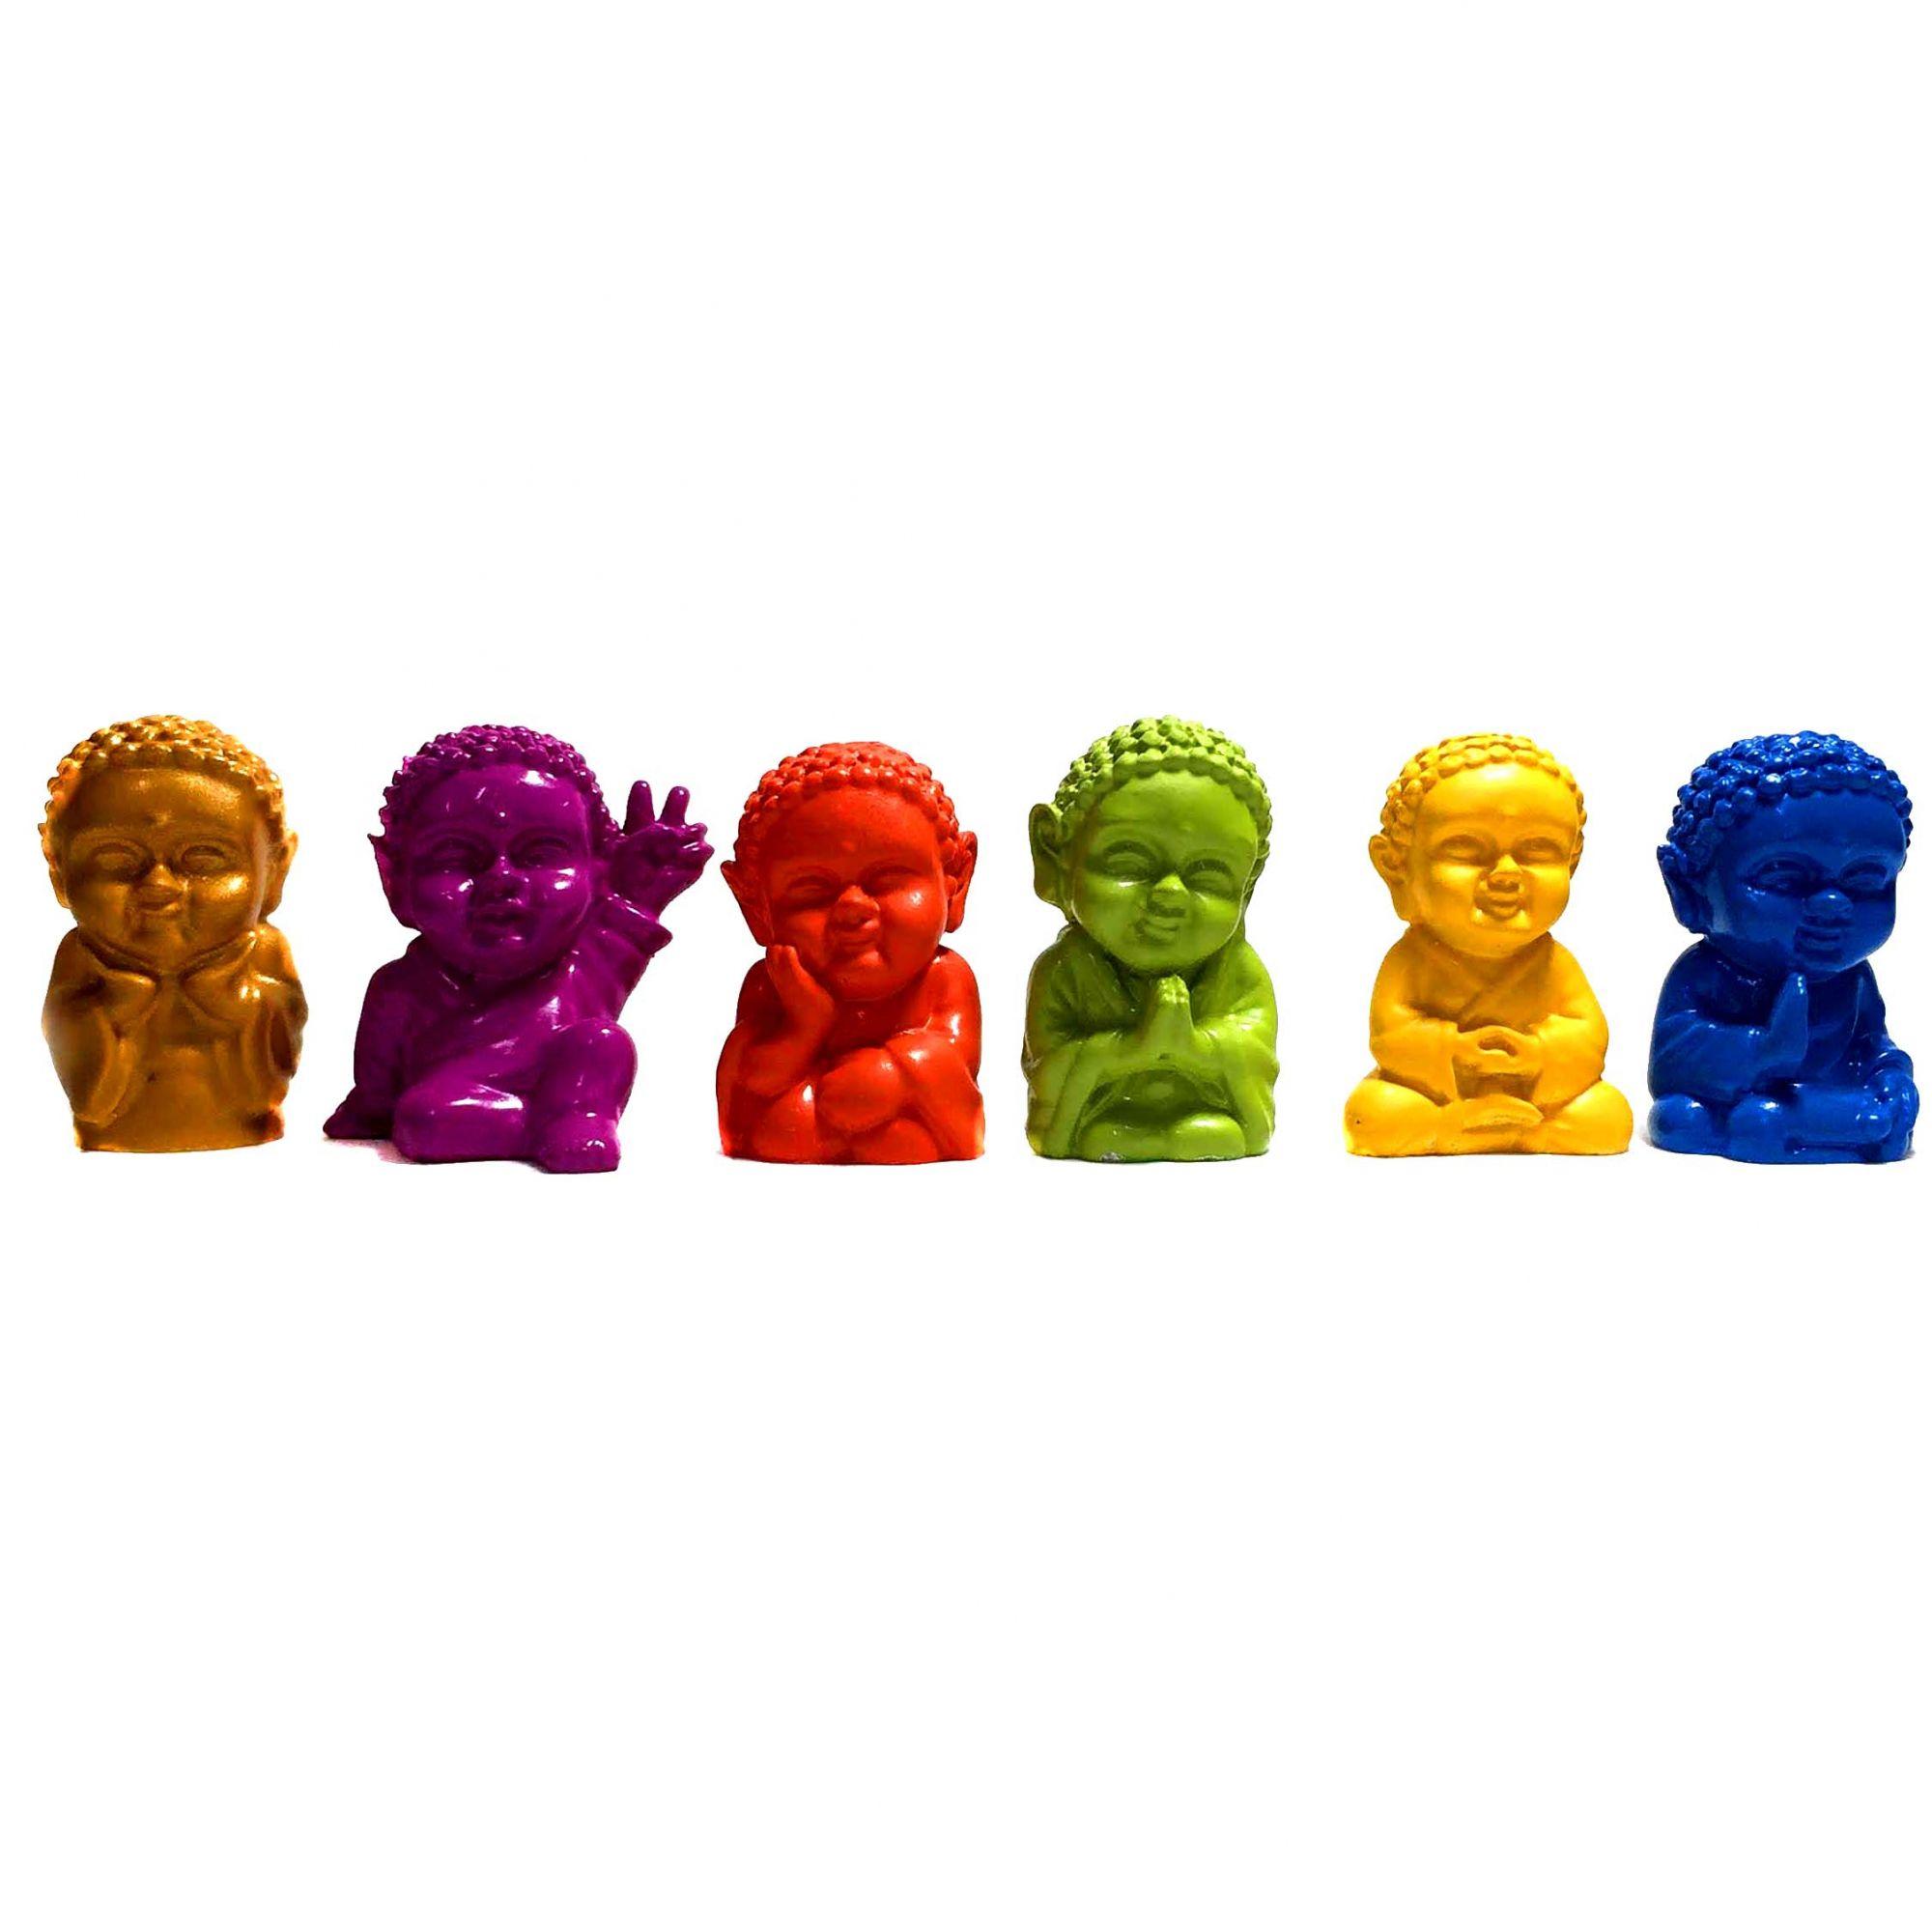 6 Estátuas de Mini Monges Buda Baby Coloridos 3,5cm